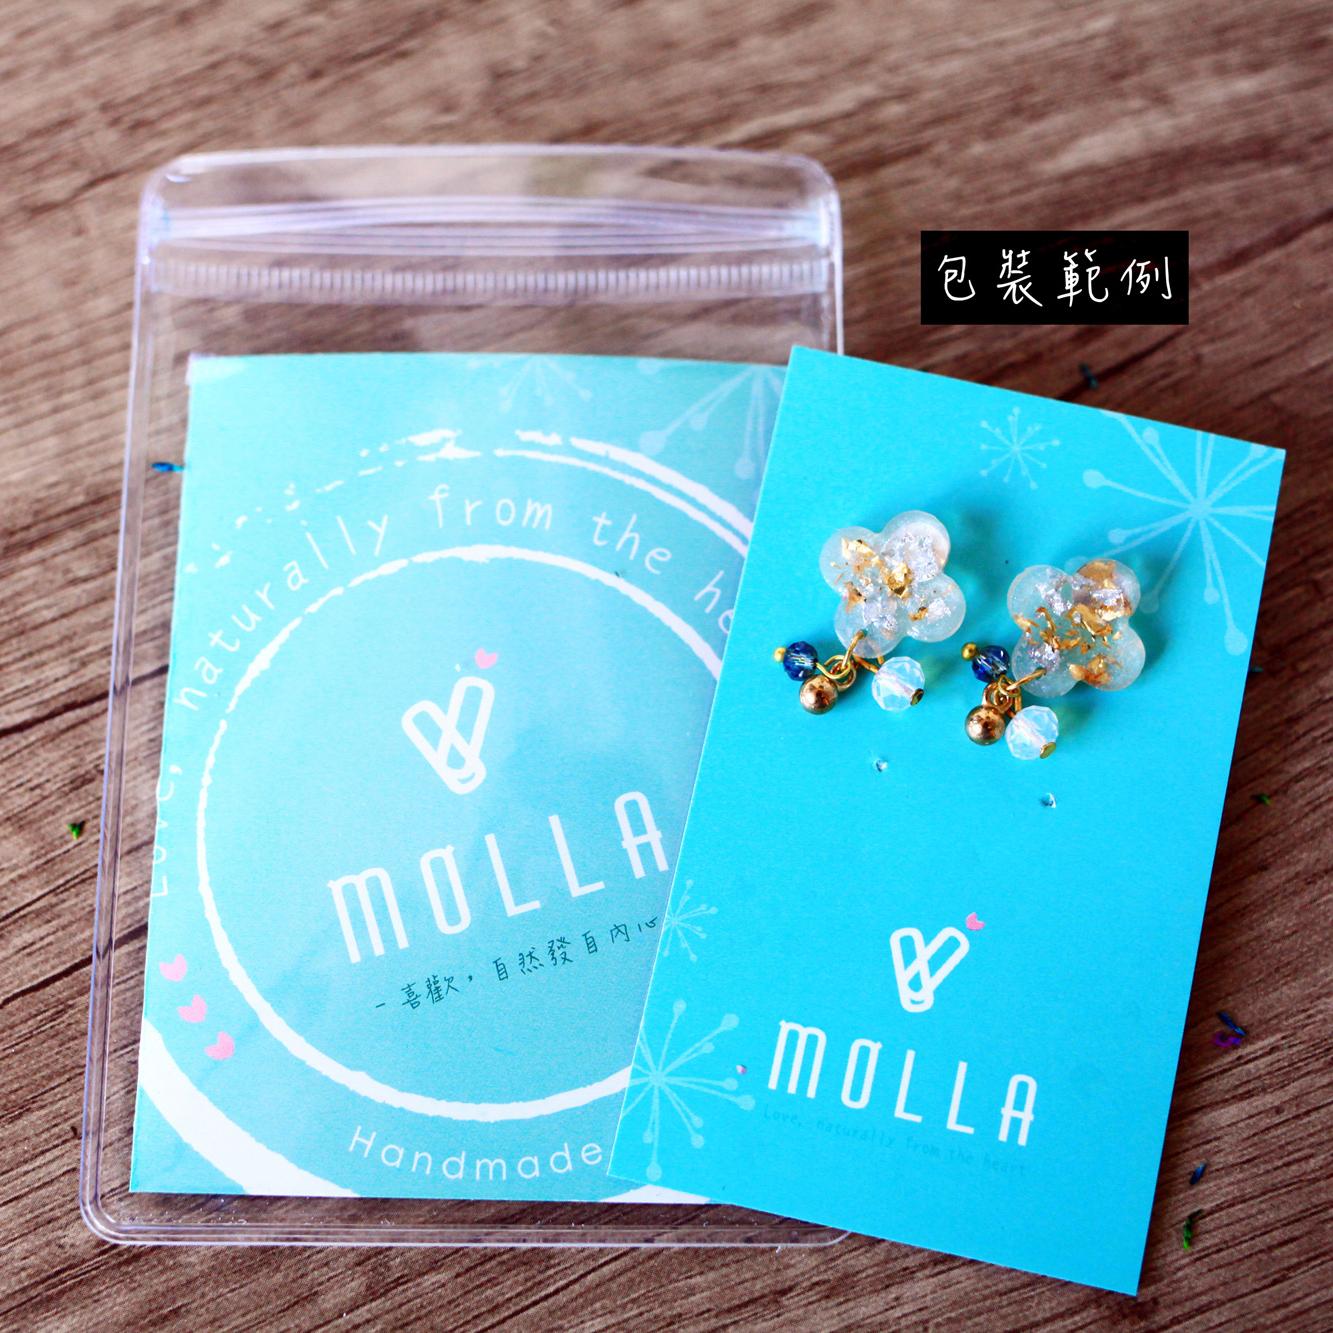 Molla 粉紅櫻花貓吊飾(女生最愛貓咪手作吊飾)